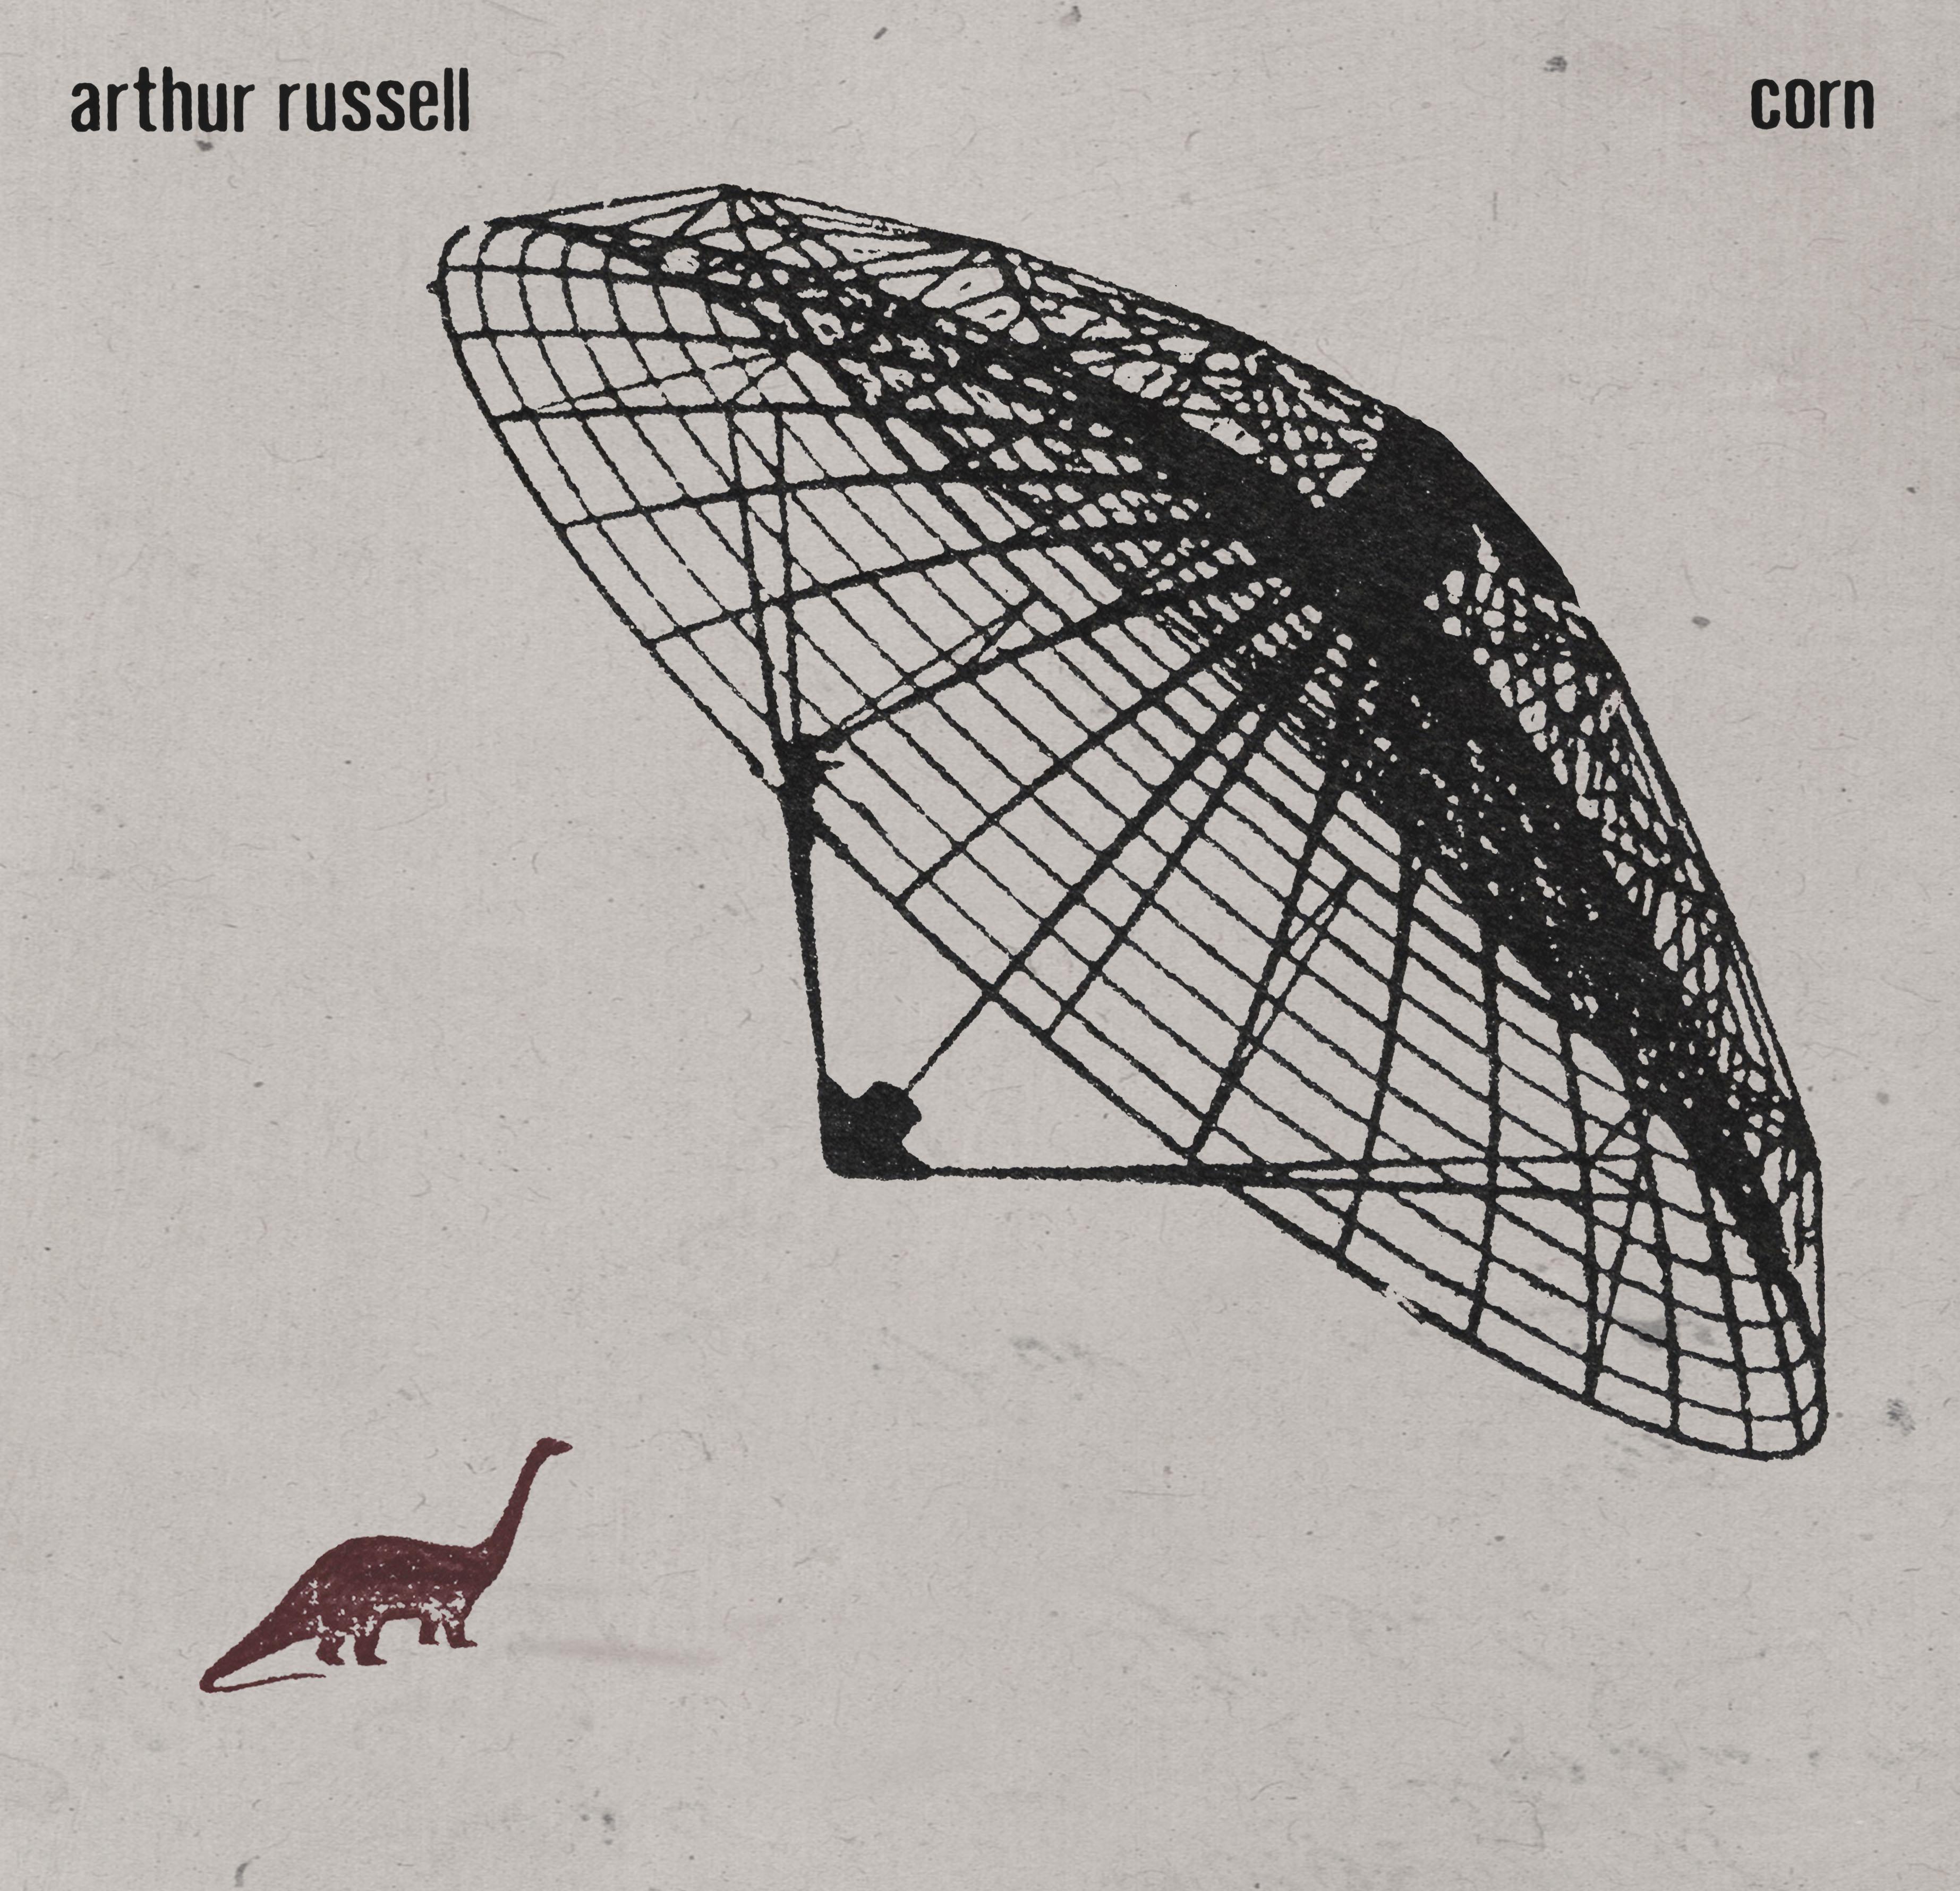 Arthur Russell, Corn, Album, Queer Album, Queer Music